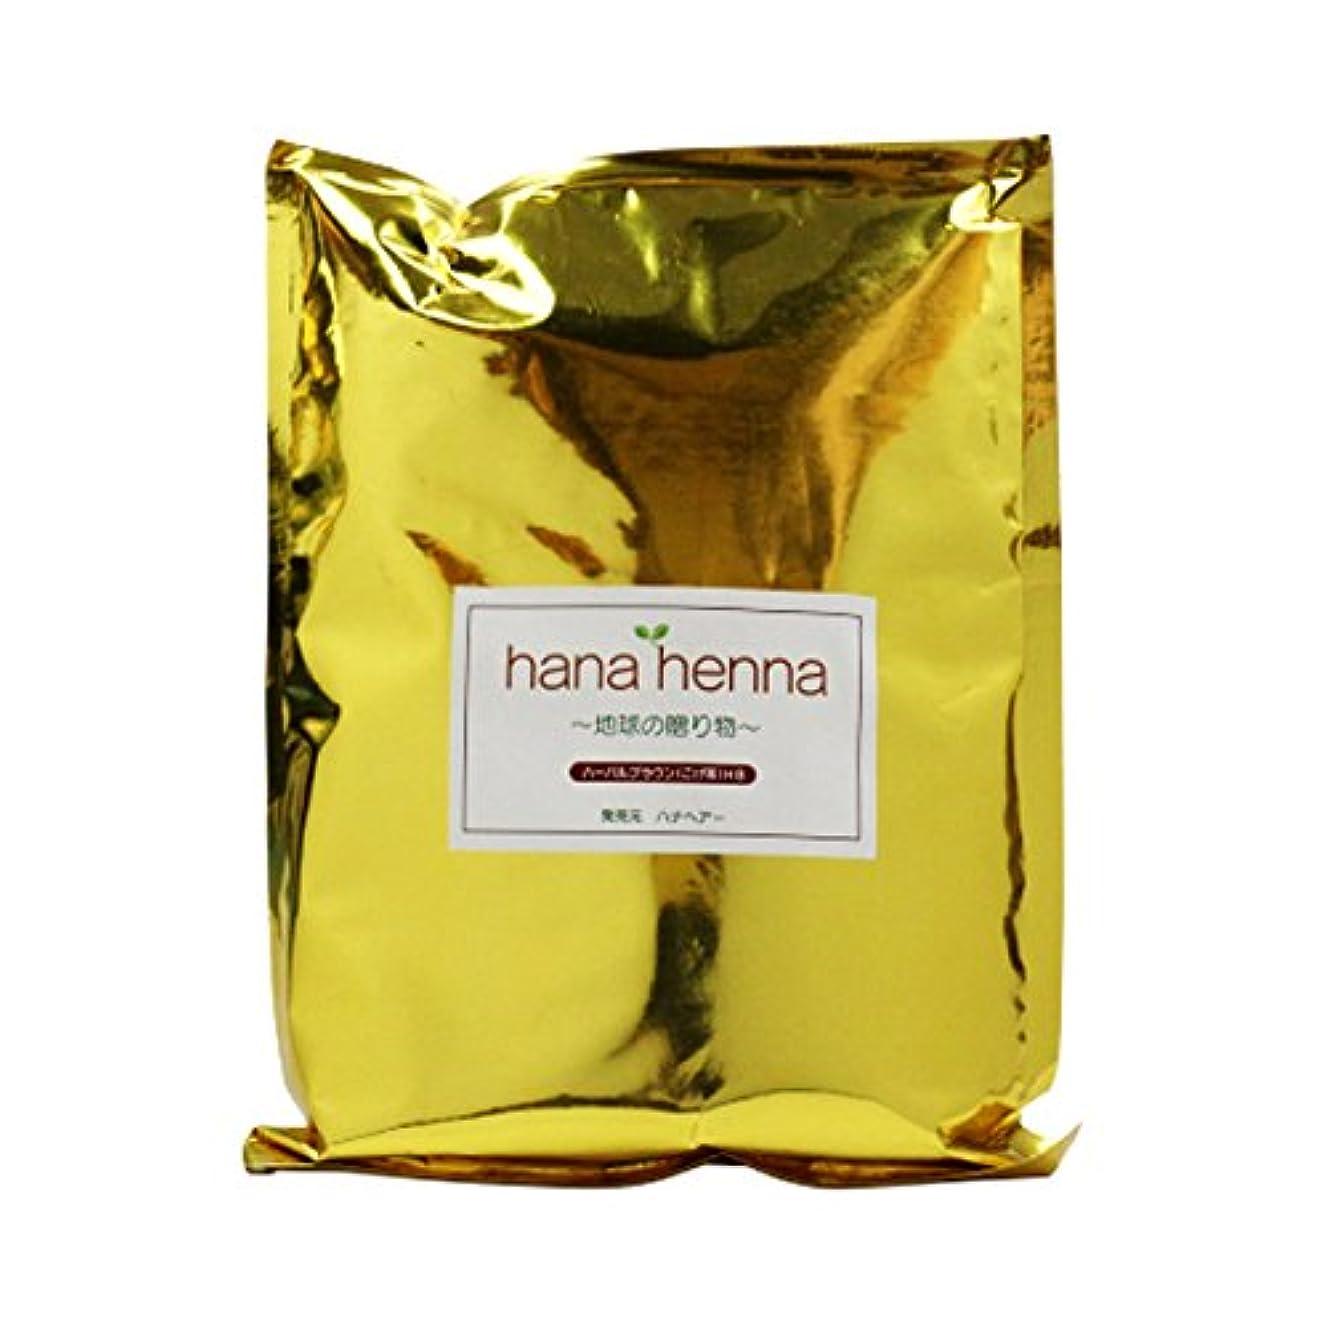 貸すミス差別hanahenna ハーバルブラウン HB(こげ茶) 100g